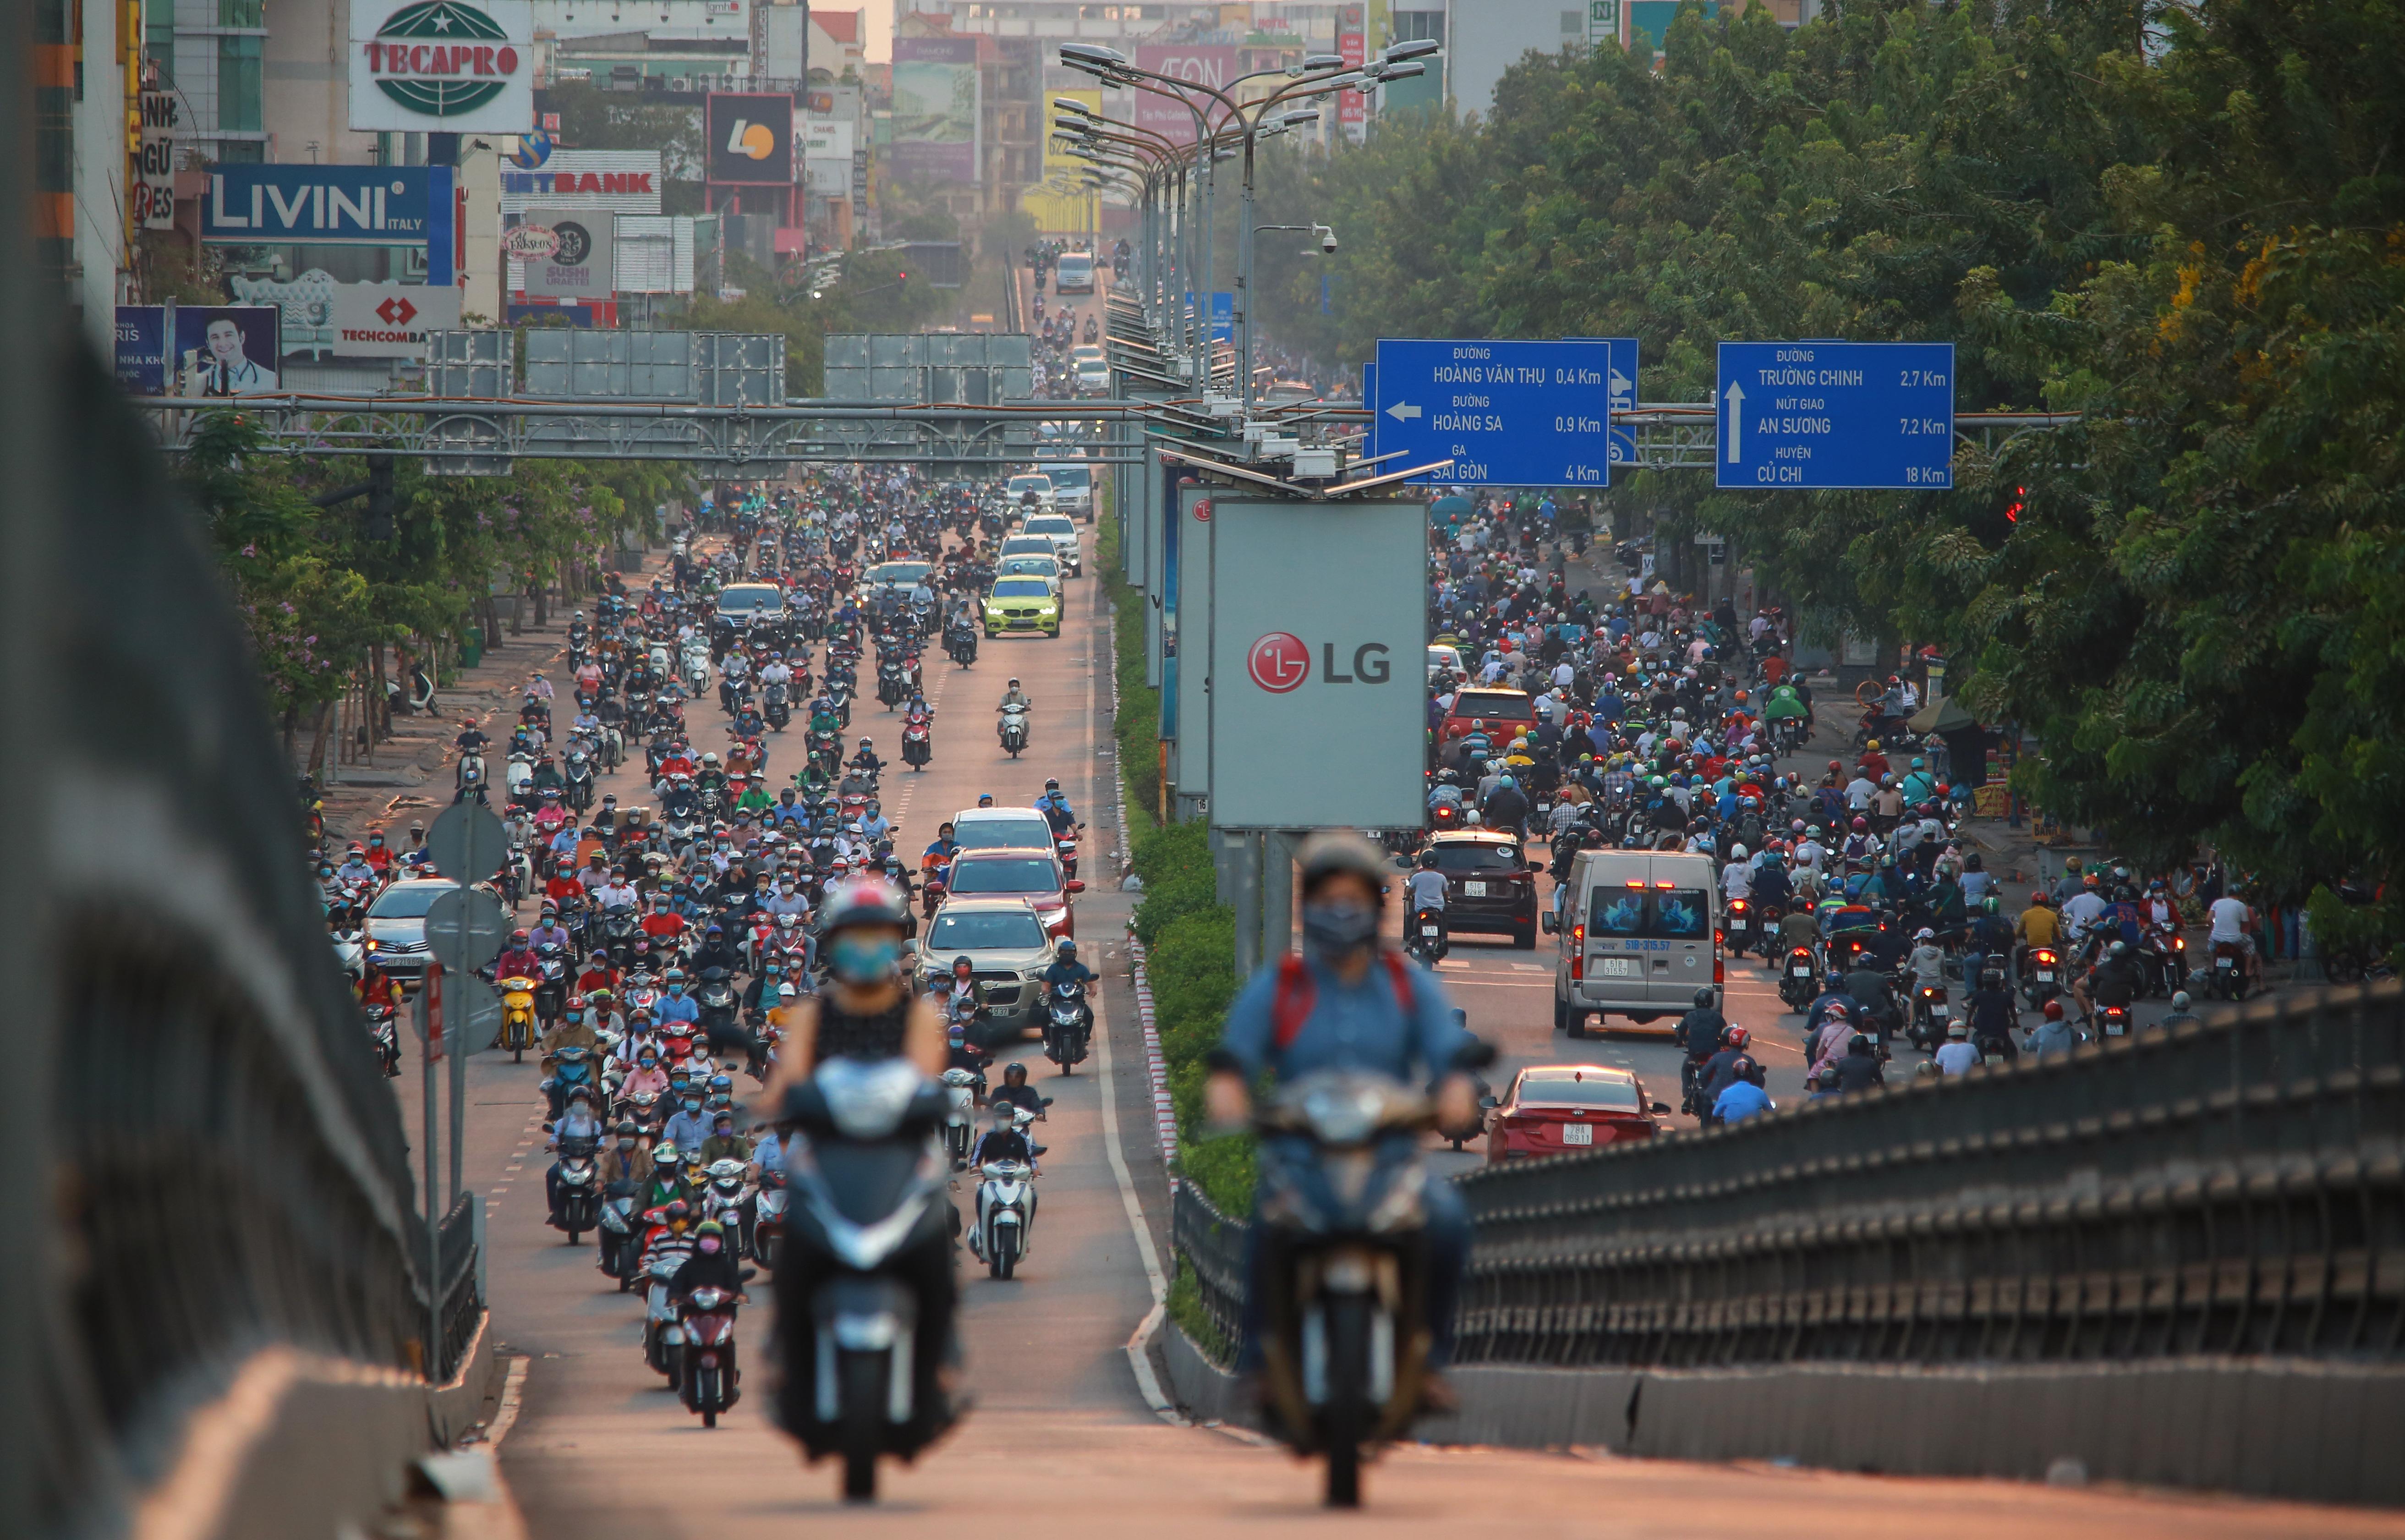 Sài Gòn đông đúc khi sắp kết thúc đợt cách ly toàn xã hội 14 ngày - Ảnh 6.